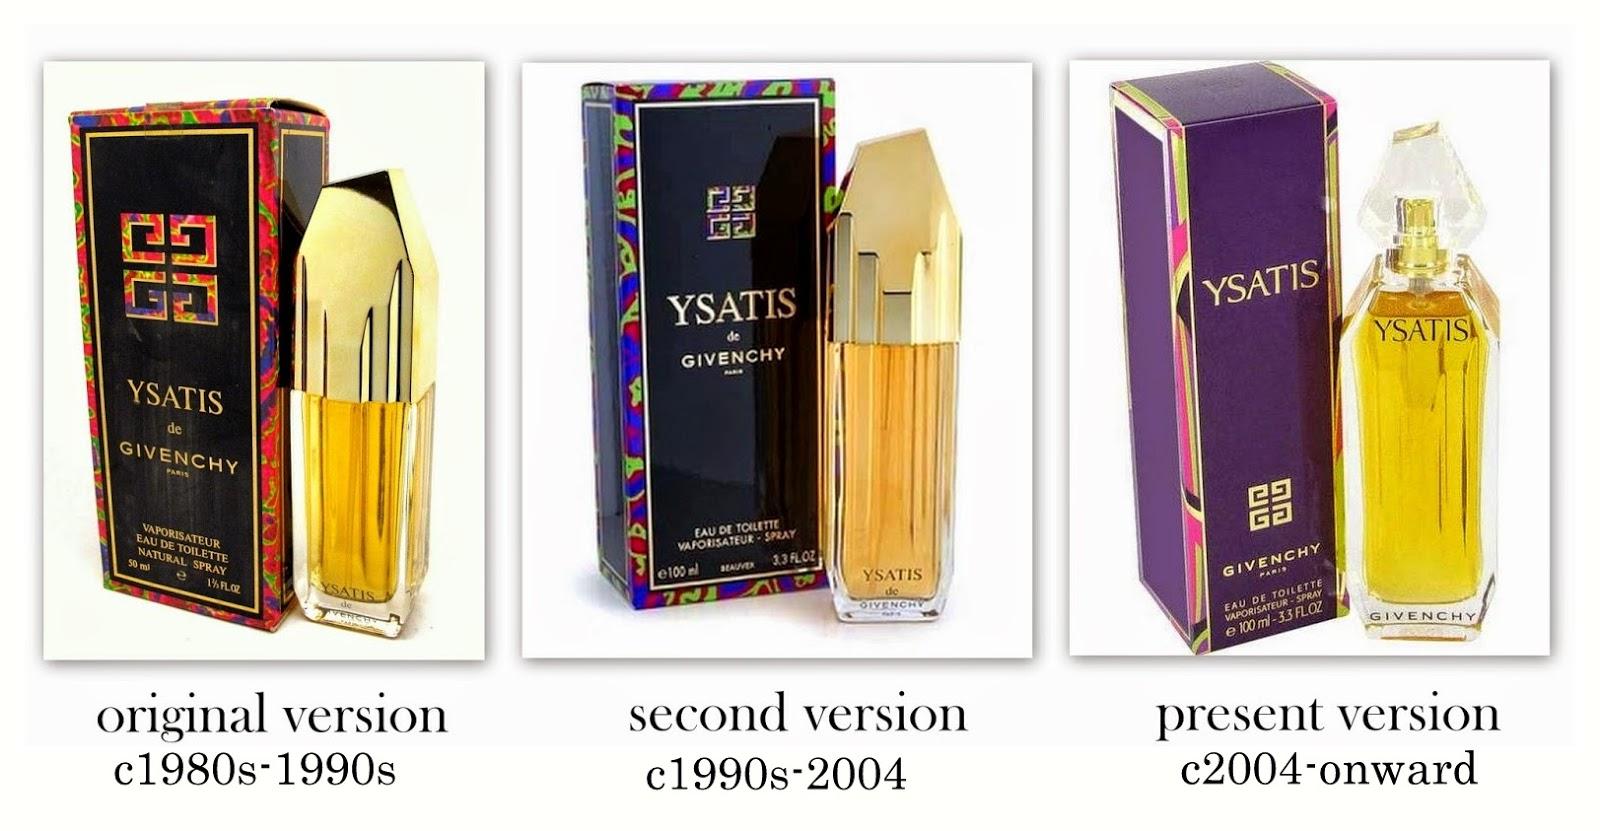 Givenchy Perfumes Ysatis By Givenchy C1984